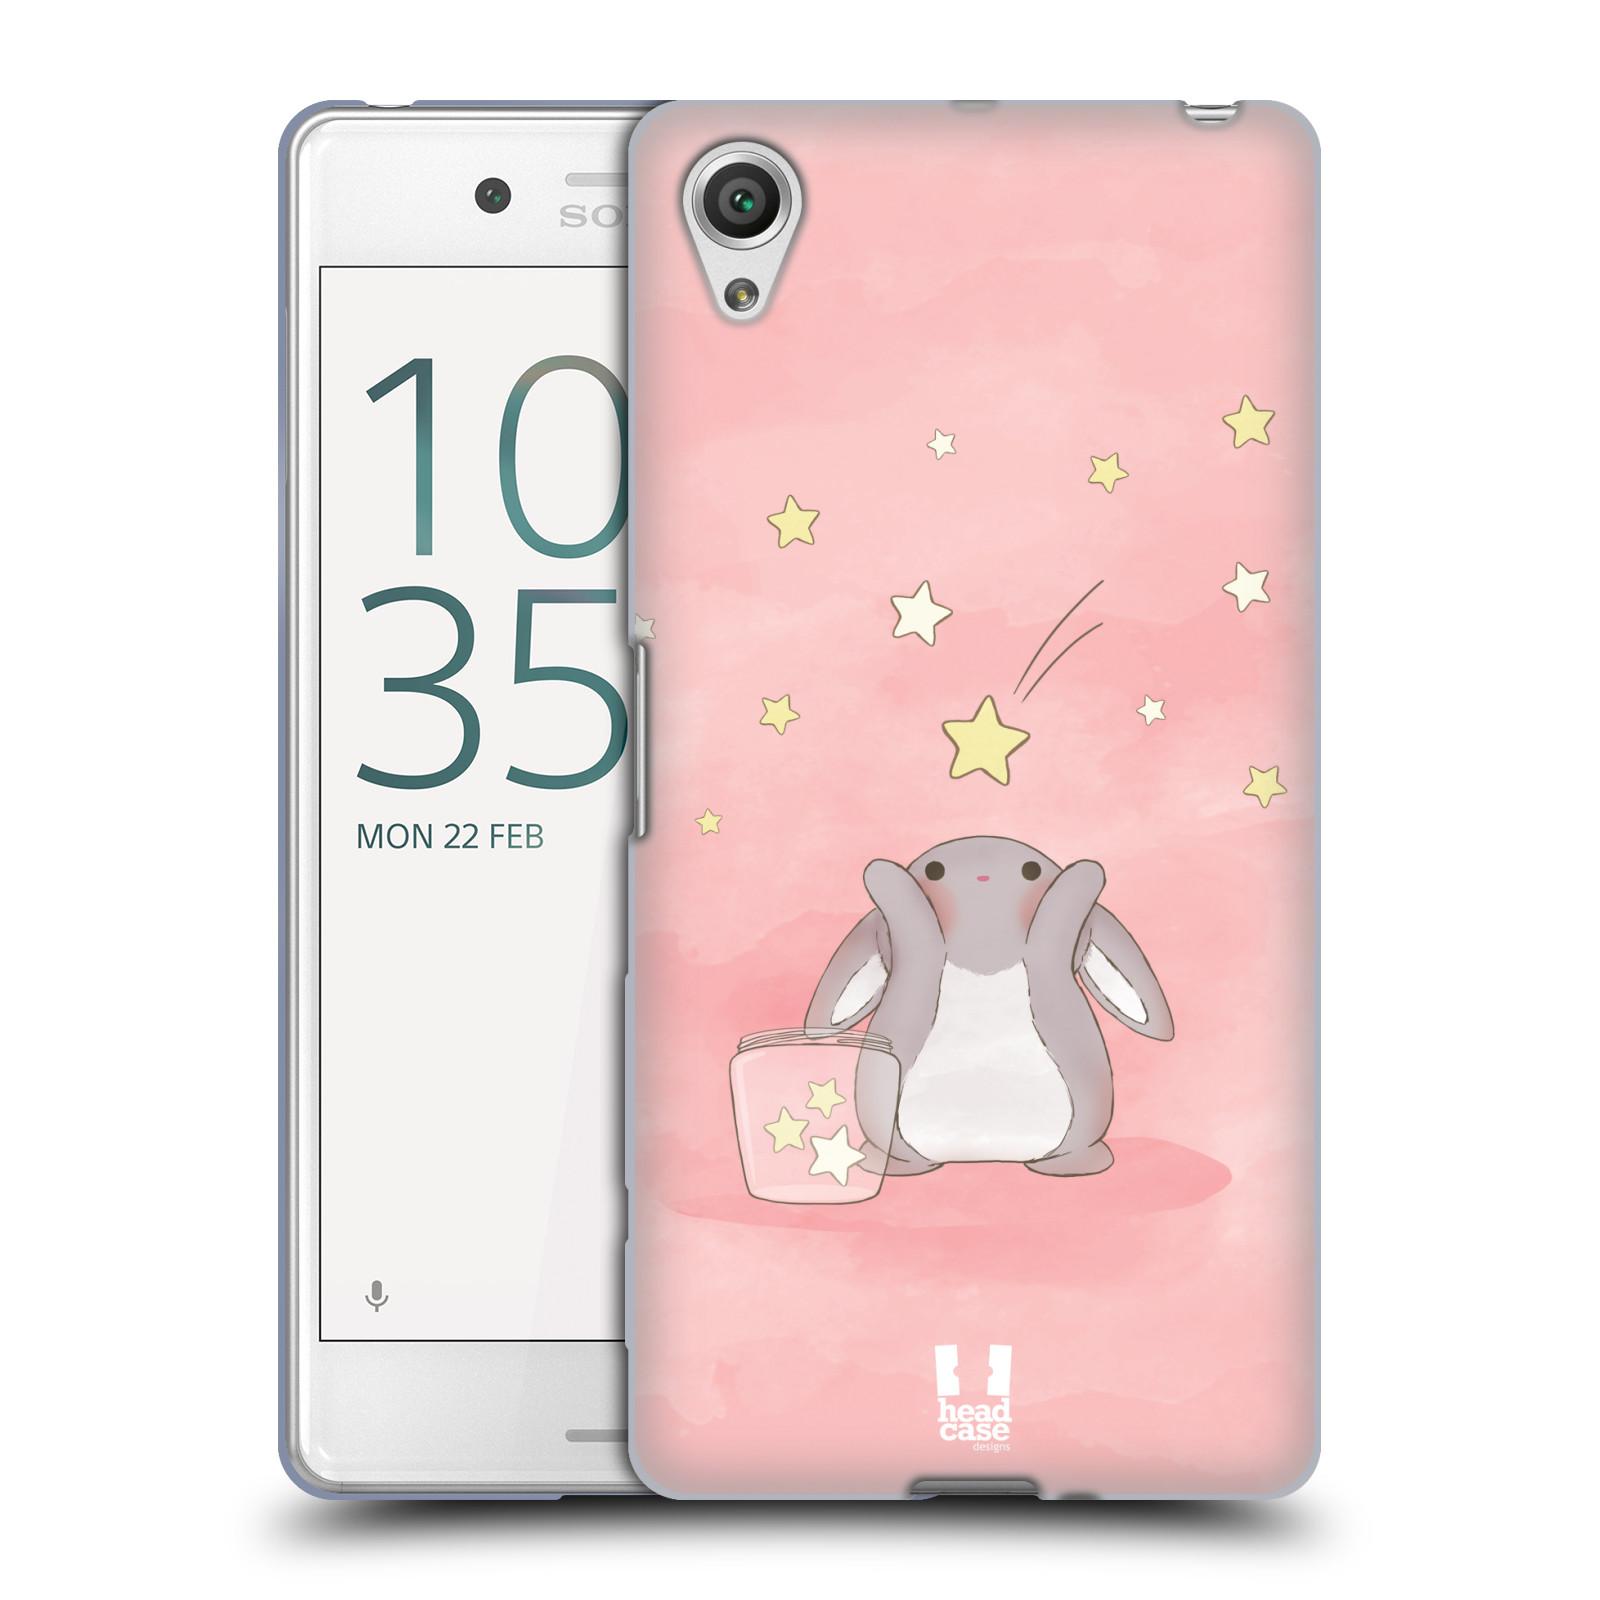 HEAD CASE silikonový obal na mobil Sony Xperia X PERFORMANCE (F8131, F8132) vzor králíček a hvězdy růžová